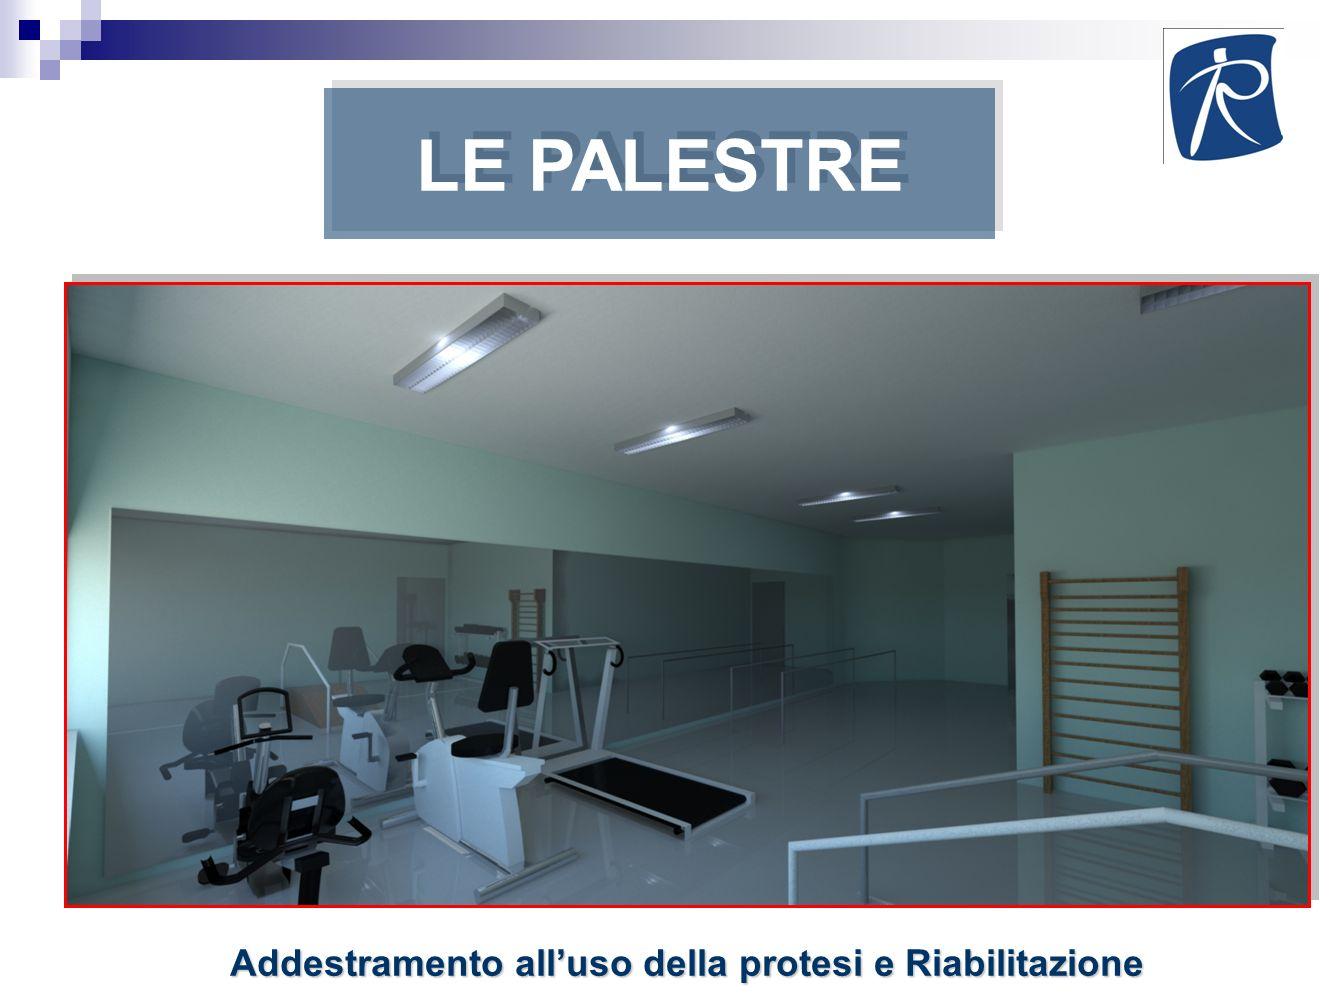 Addestramento alluso della protesi e Riabilitazione LE PALESTRE